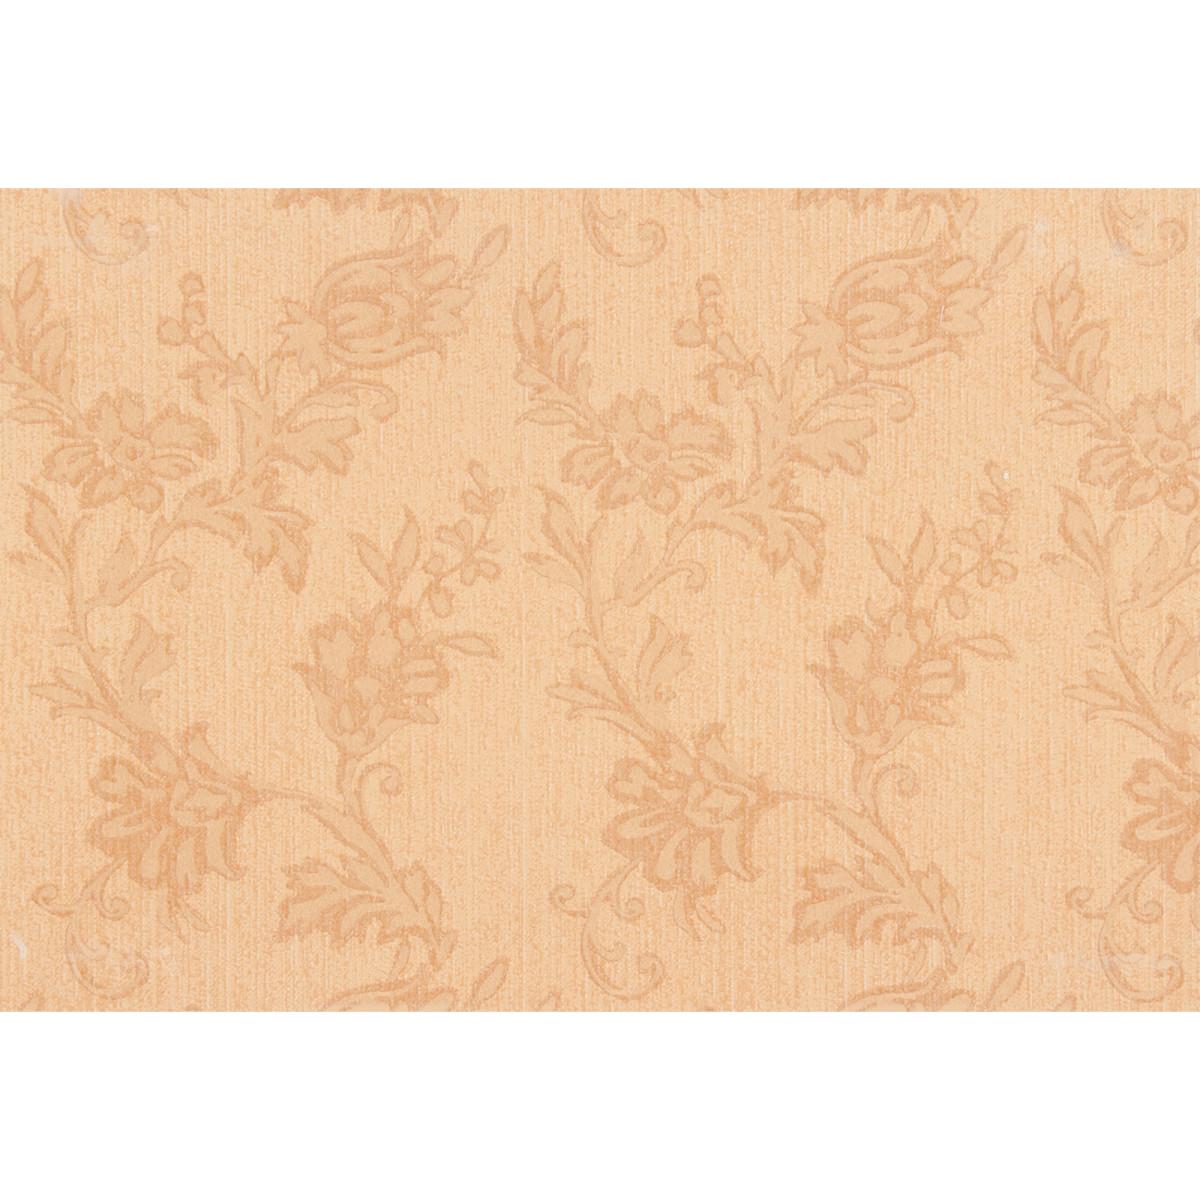 Плитка настенная Шелк 40х27.5 см 1.65 м2 цвет коричневый